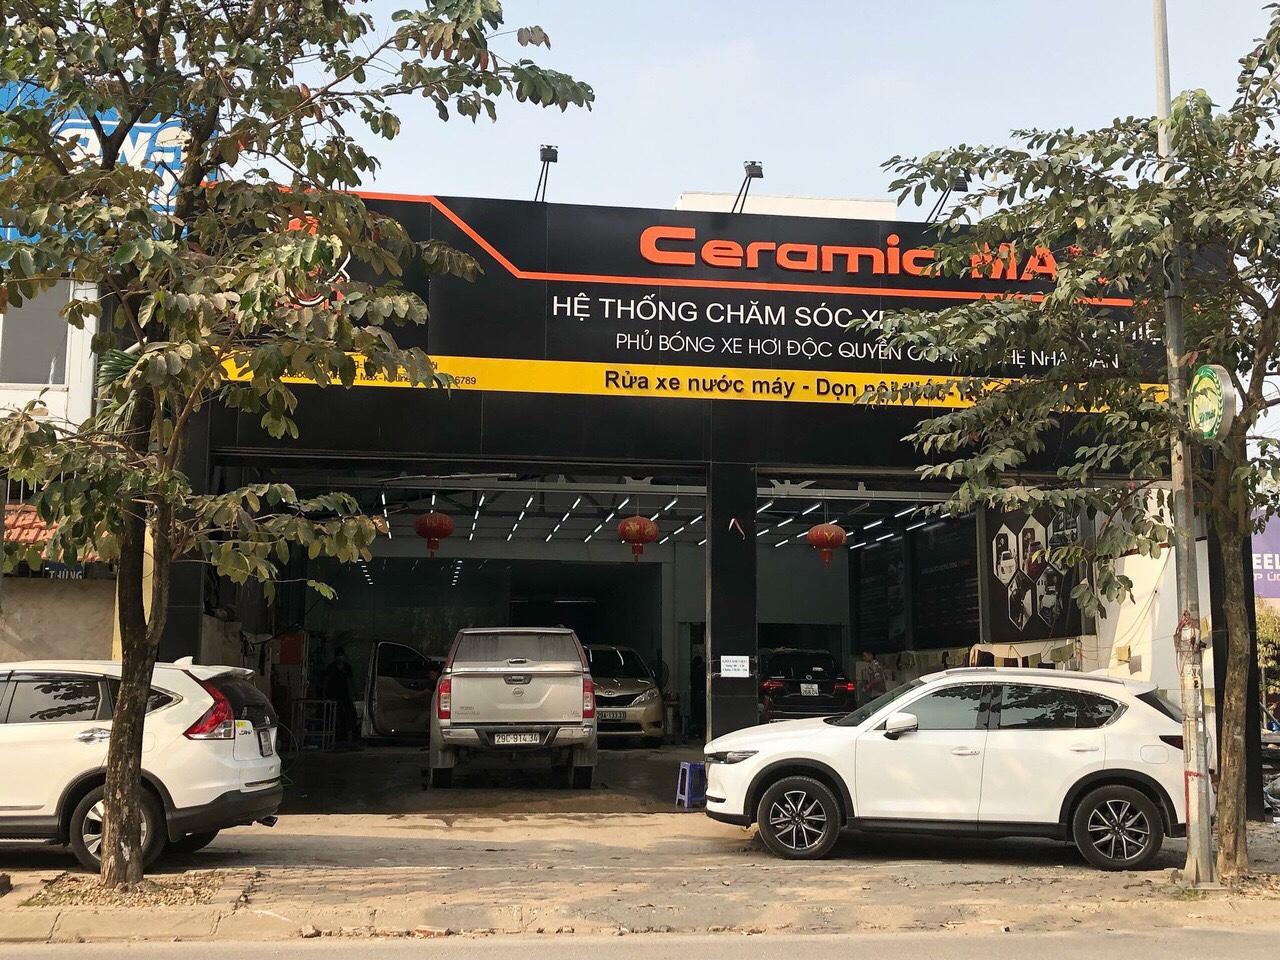 1 Tôi cần chuyển nhượng lại trung tâm chăm sóc xe hơi tại số 4 đường Việt Hưng, Long Biên.